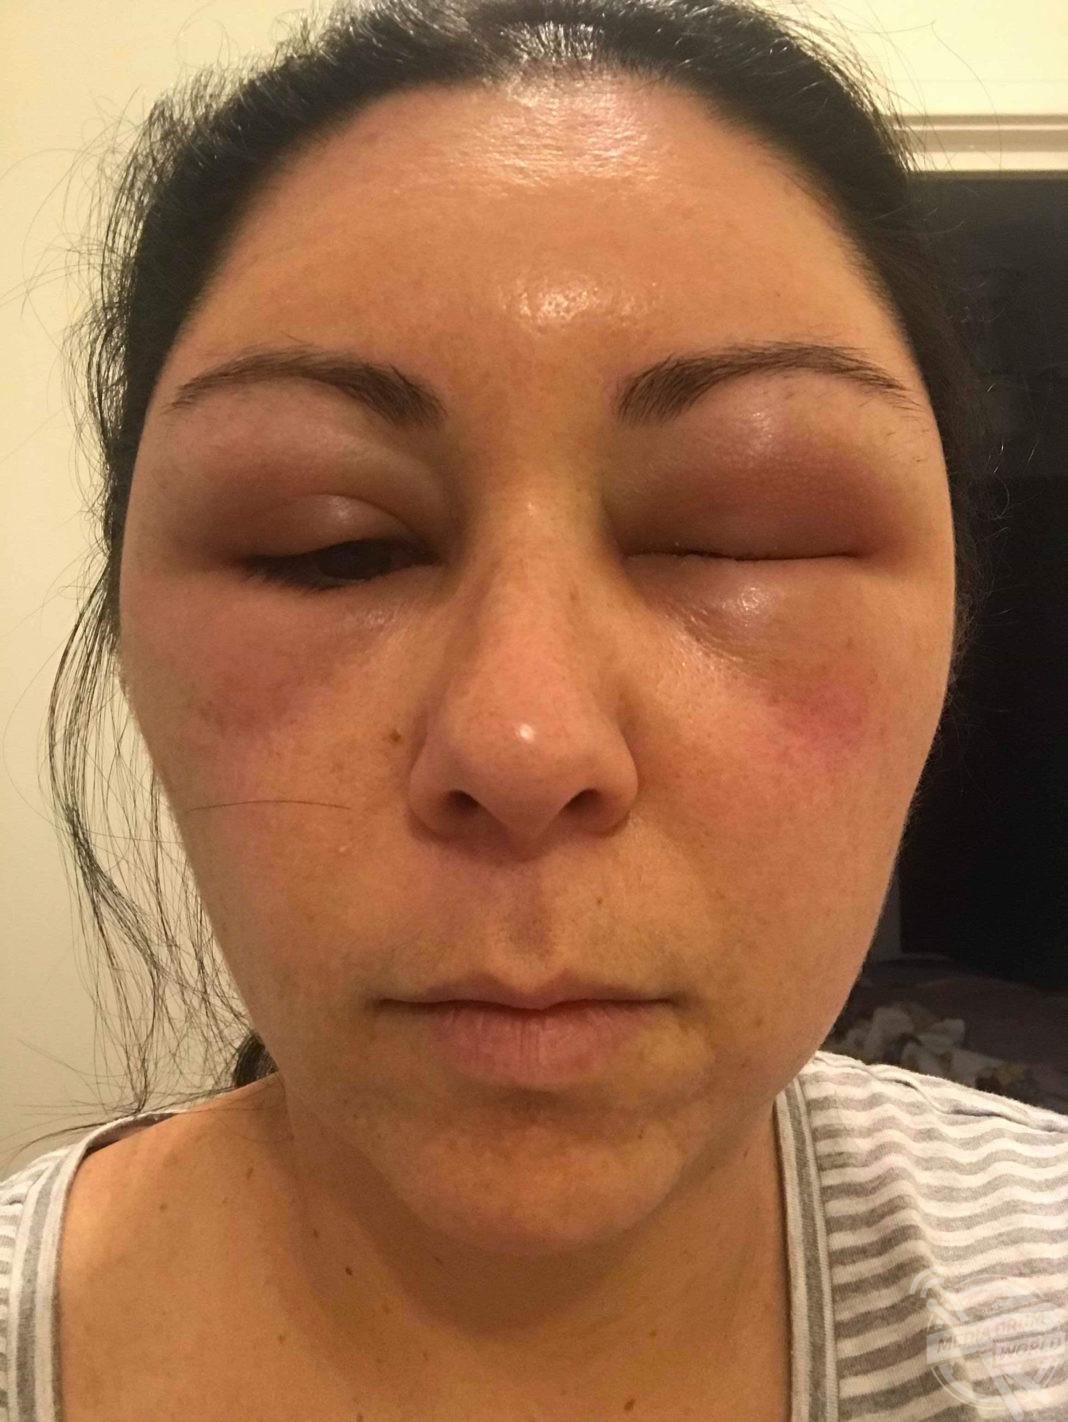 Facial edema due to allergic reaction — img 13